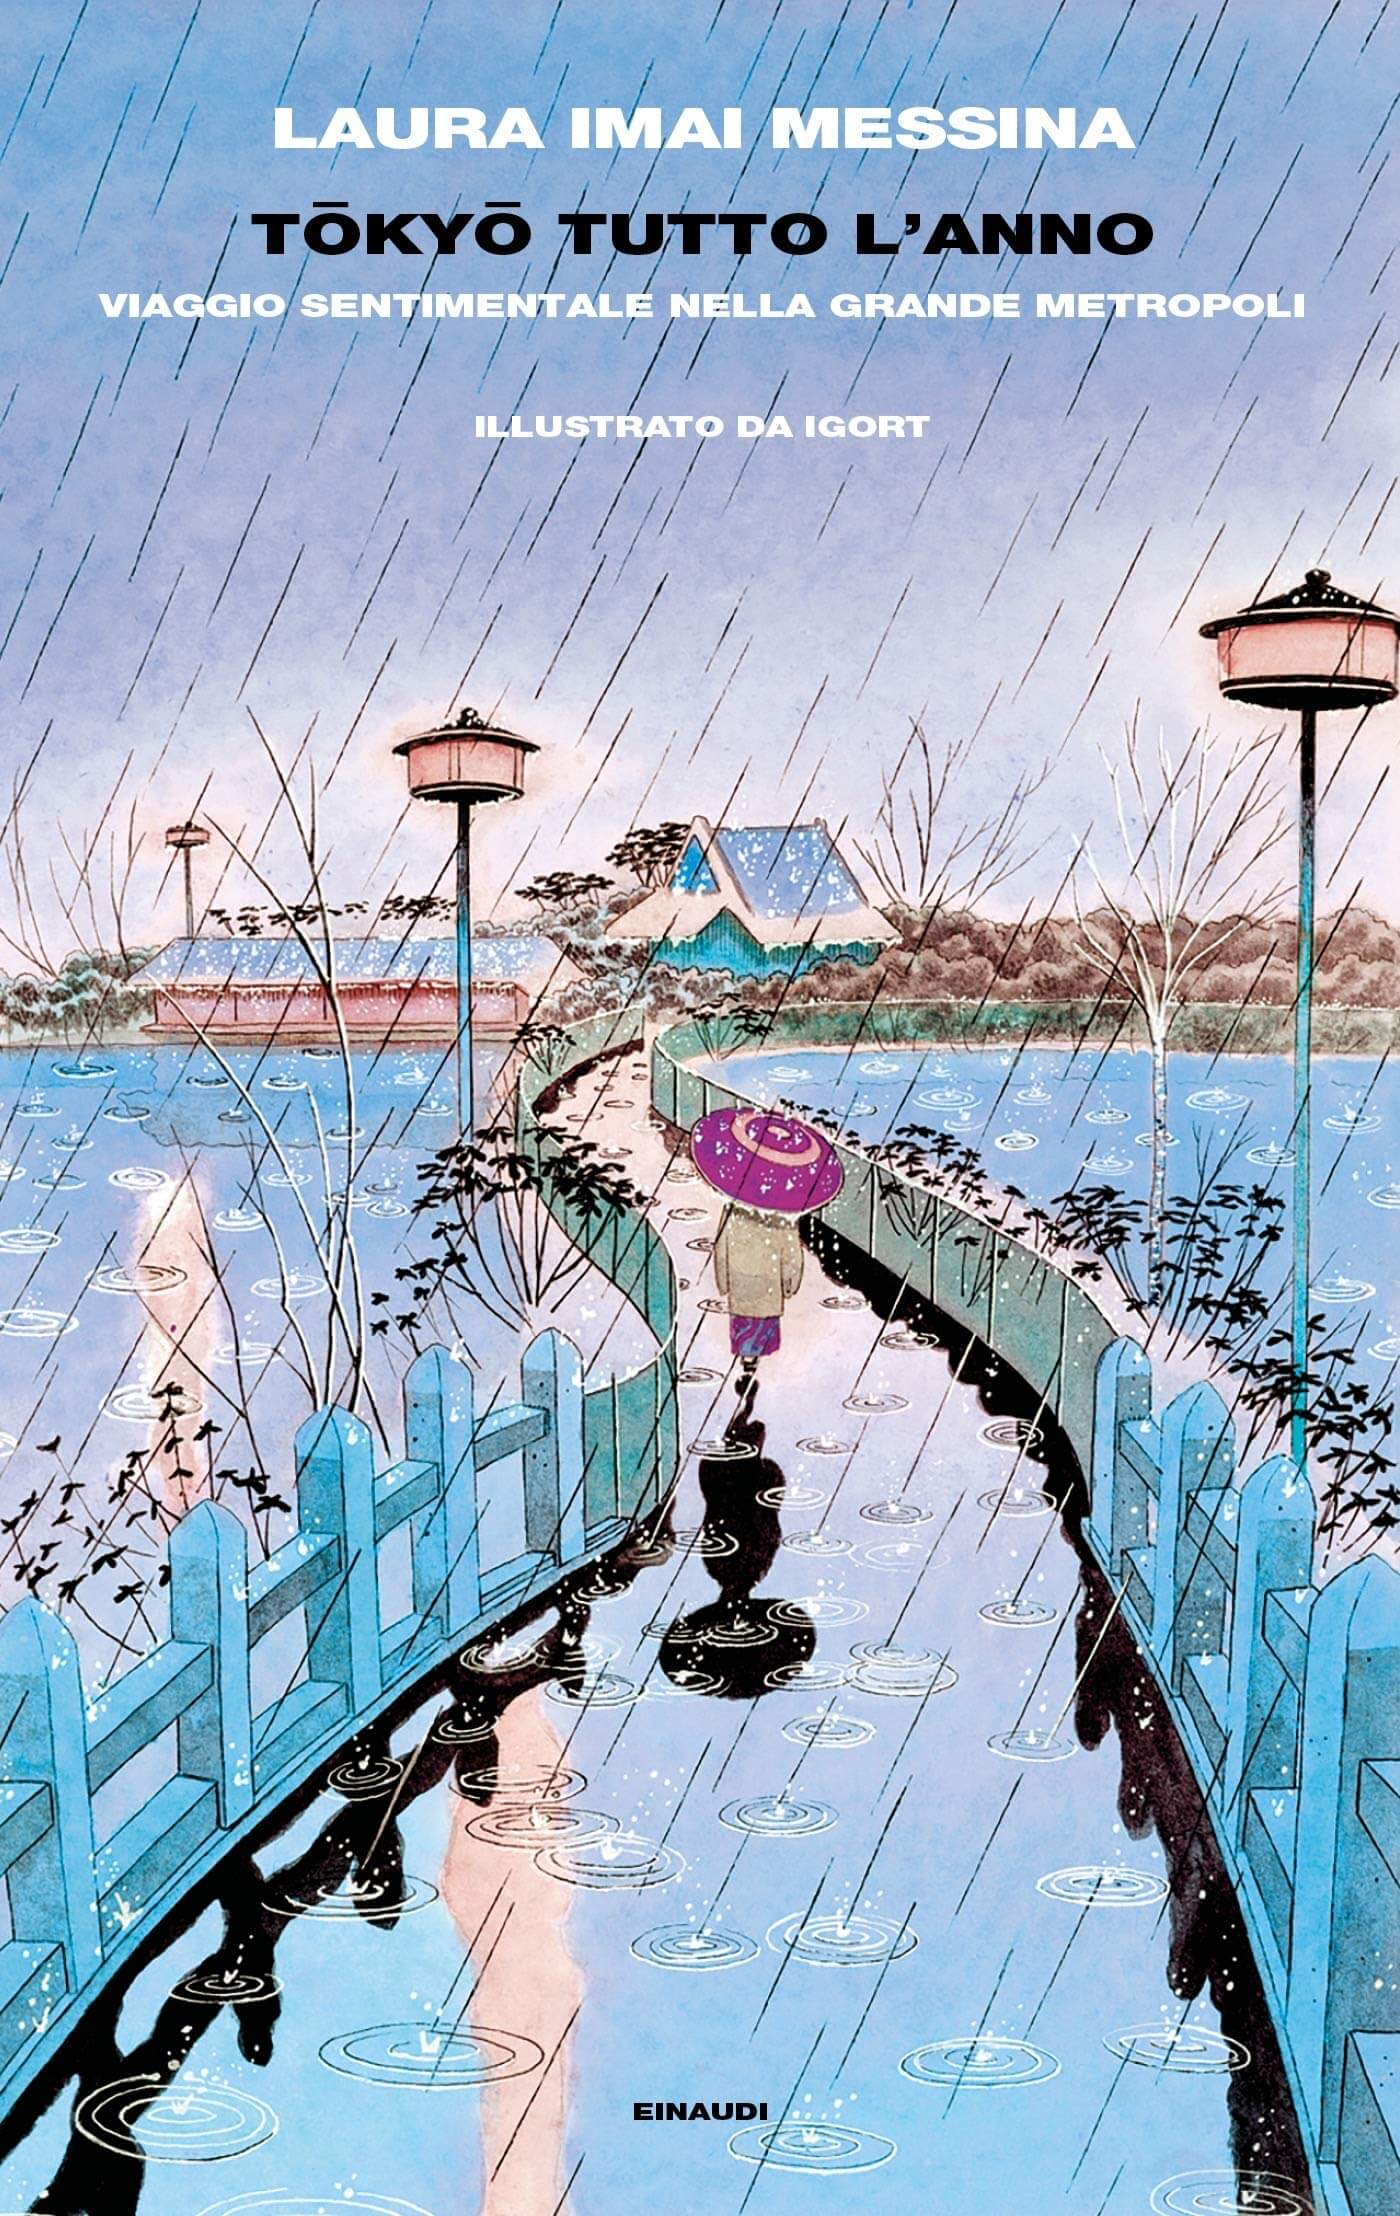 La copertina del Tōkyō tutto l'anno di Laura Imai Messina